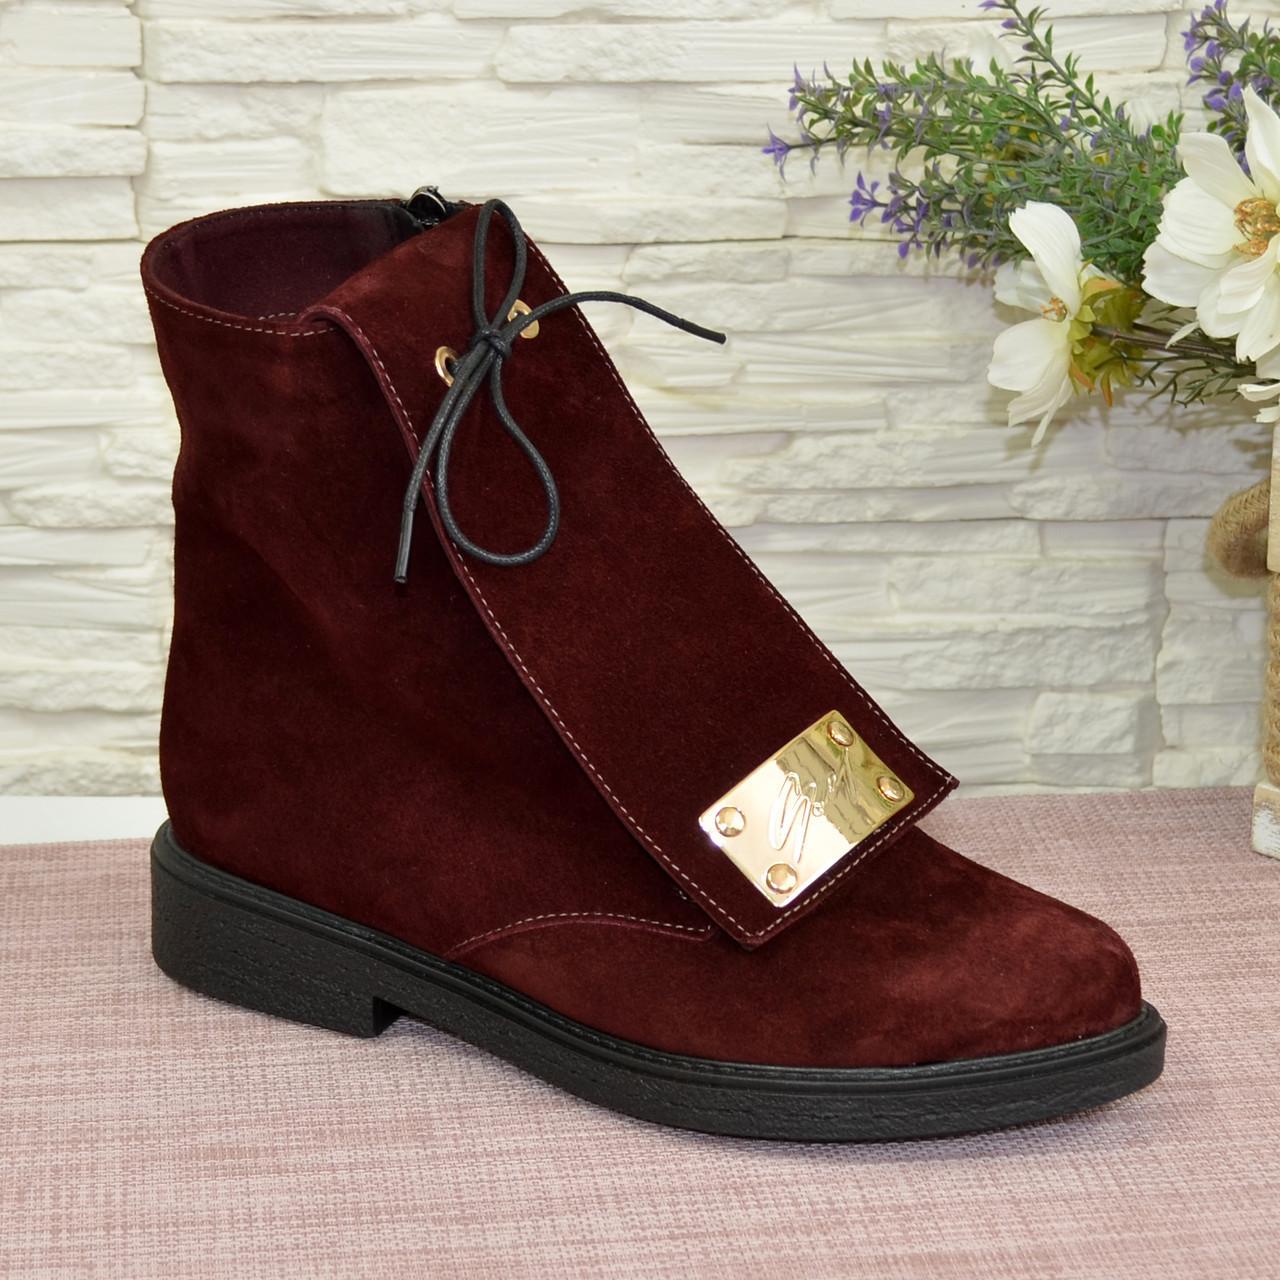 Ботинки замшевые зимние на низком ходу. Цвет бордо. 39 размер